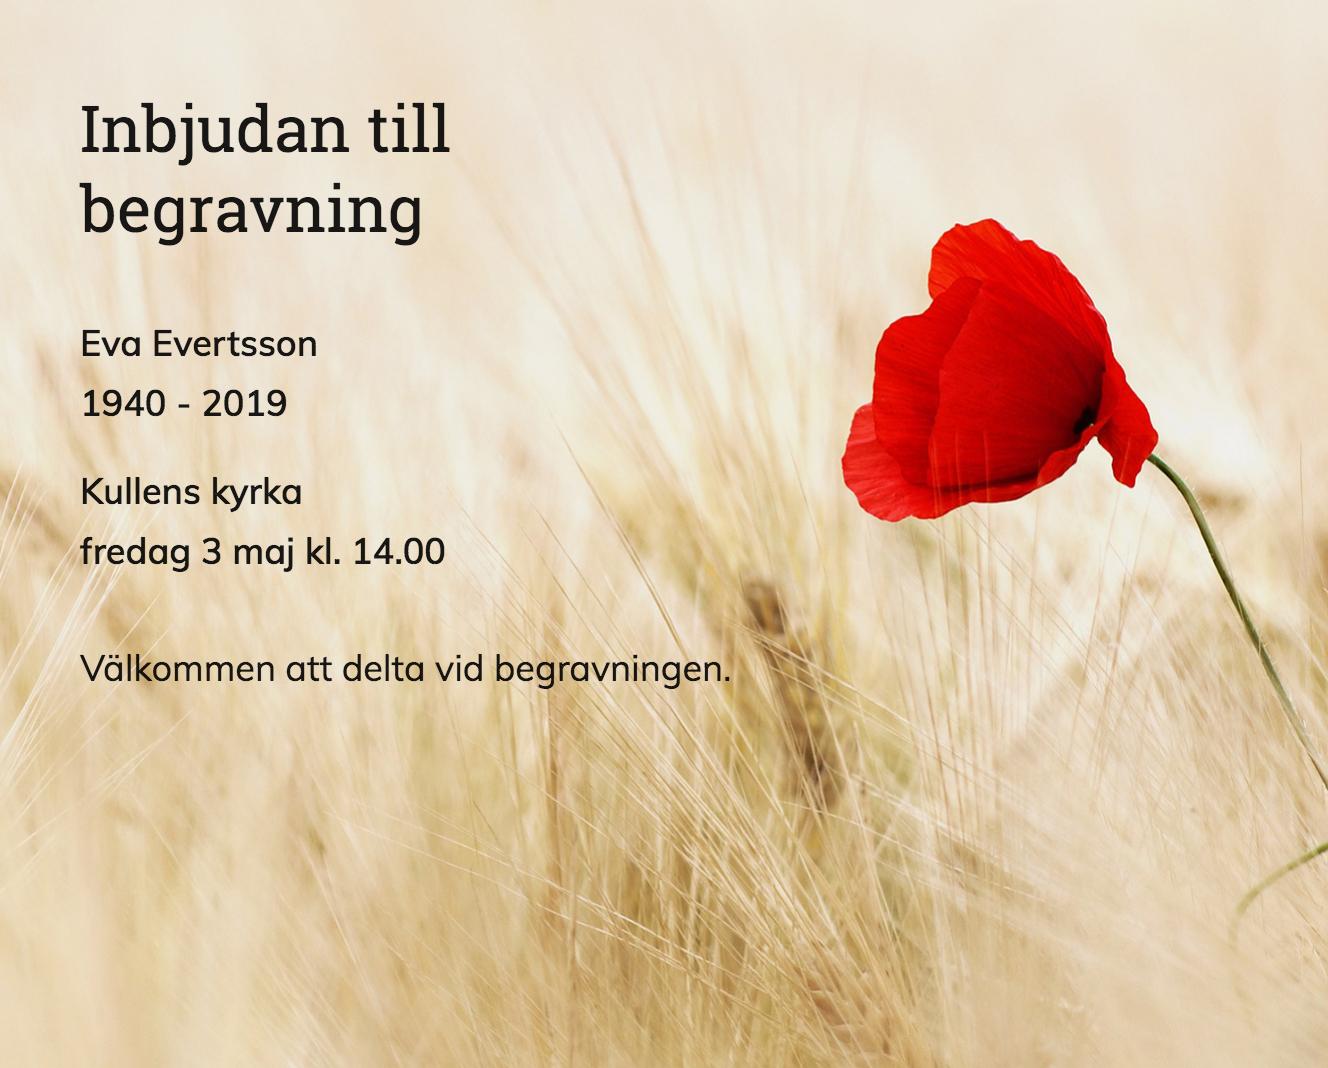 Inbjudningskort till ceremonin för Eva Evertsson